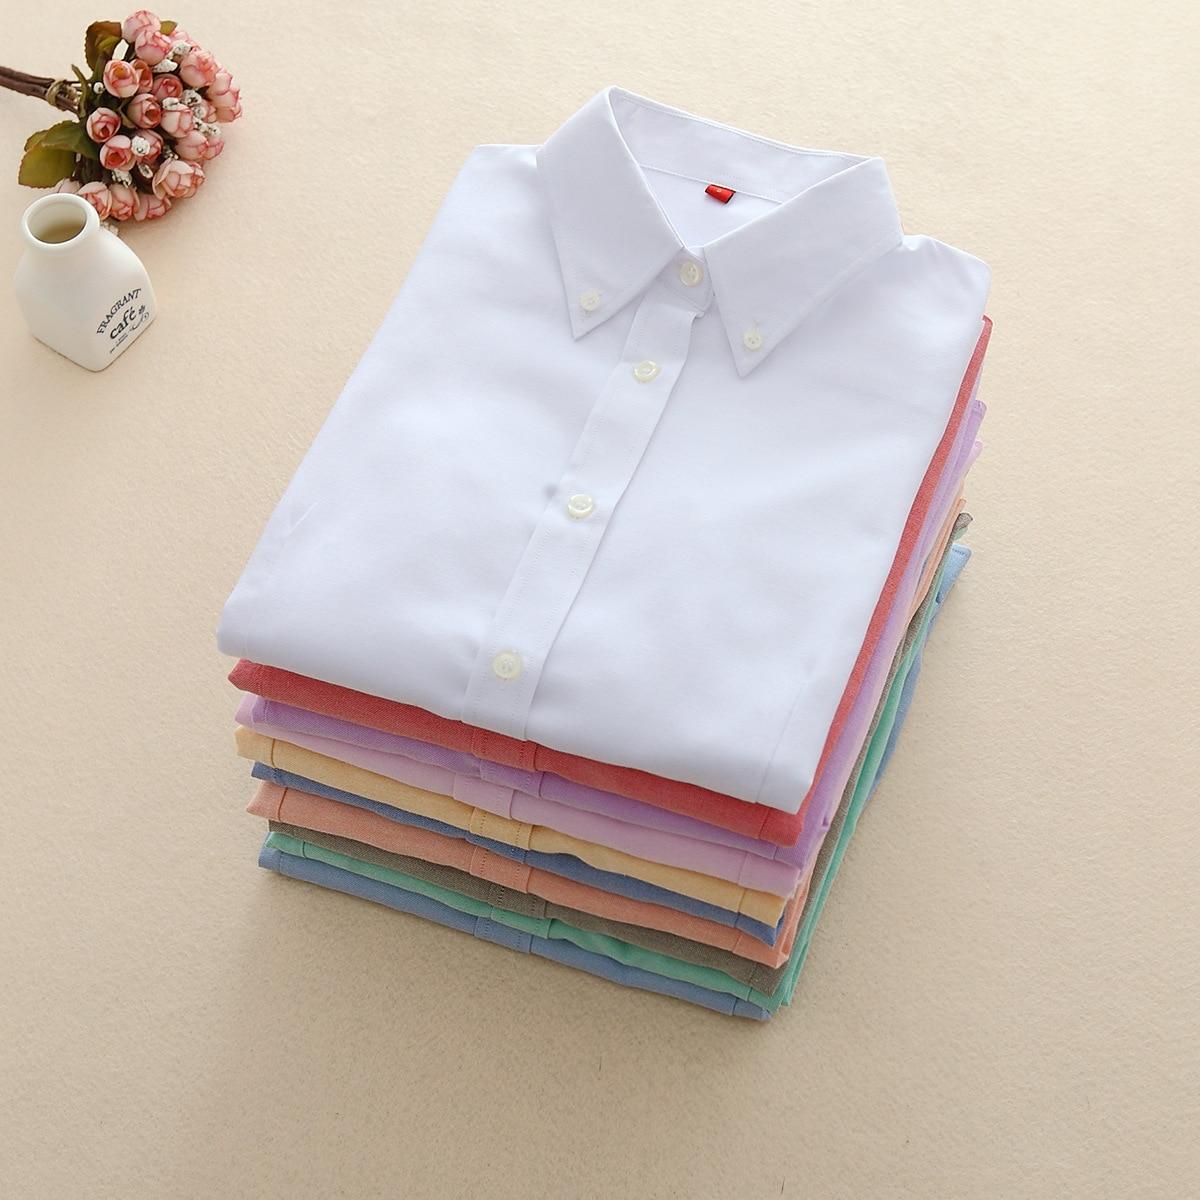 Frauen Kleidung & Zubehör Systematisch Fekeha Frauen Blusen 2019 Langarm Oxford Damen Tops Büro Langarm Shirts Frauen Student Blusas Camisas Mujer